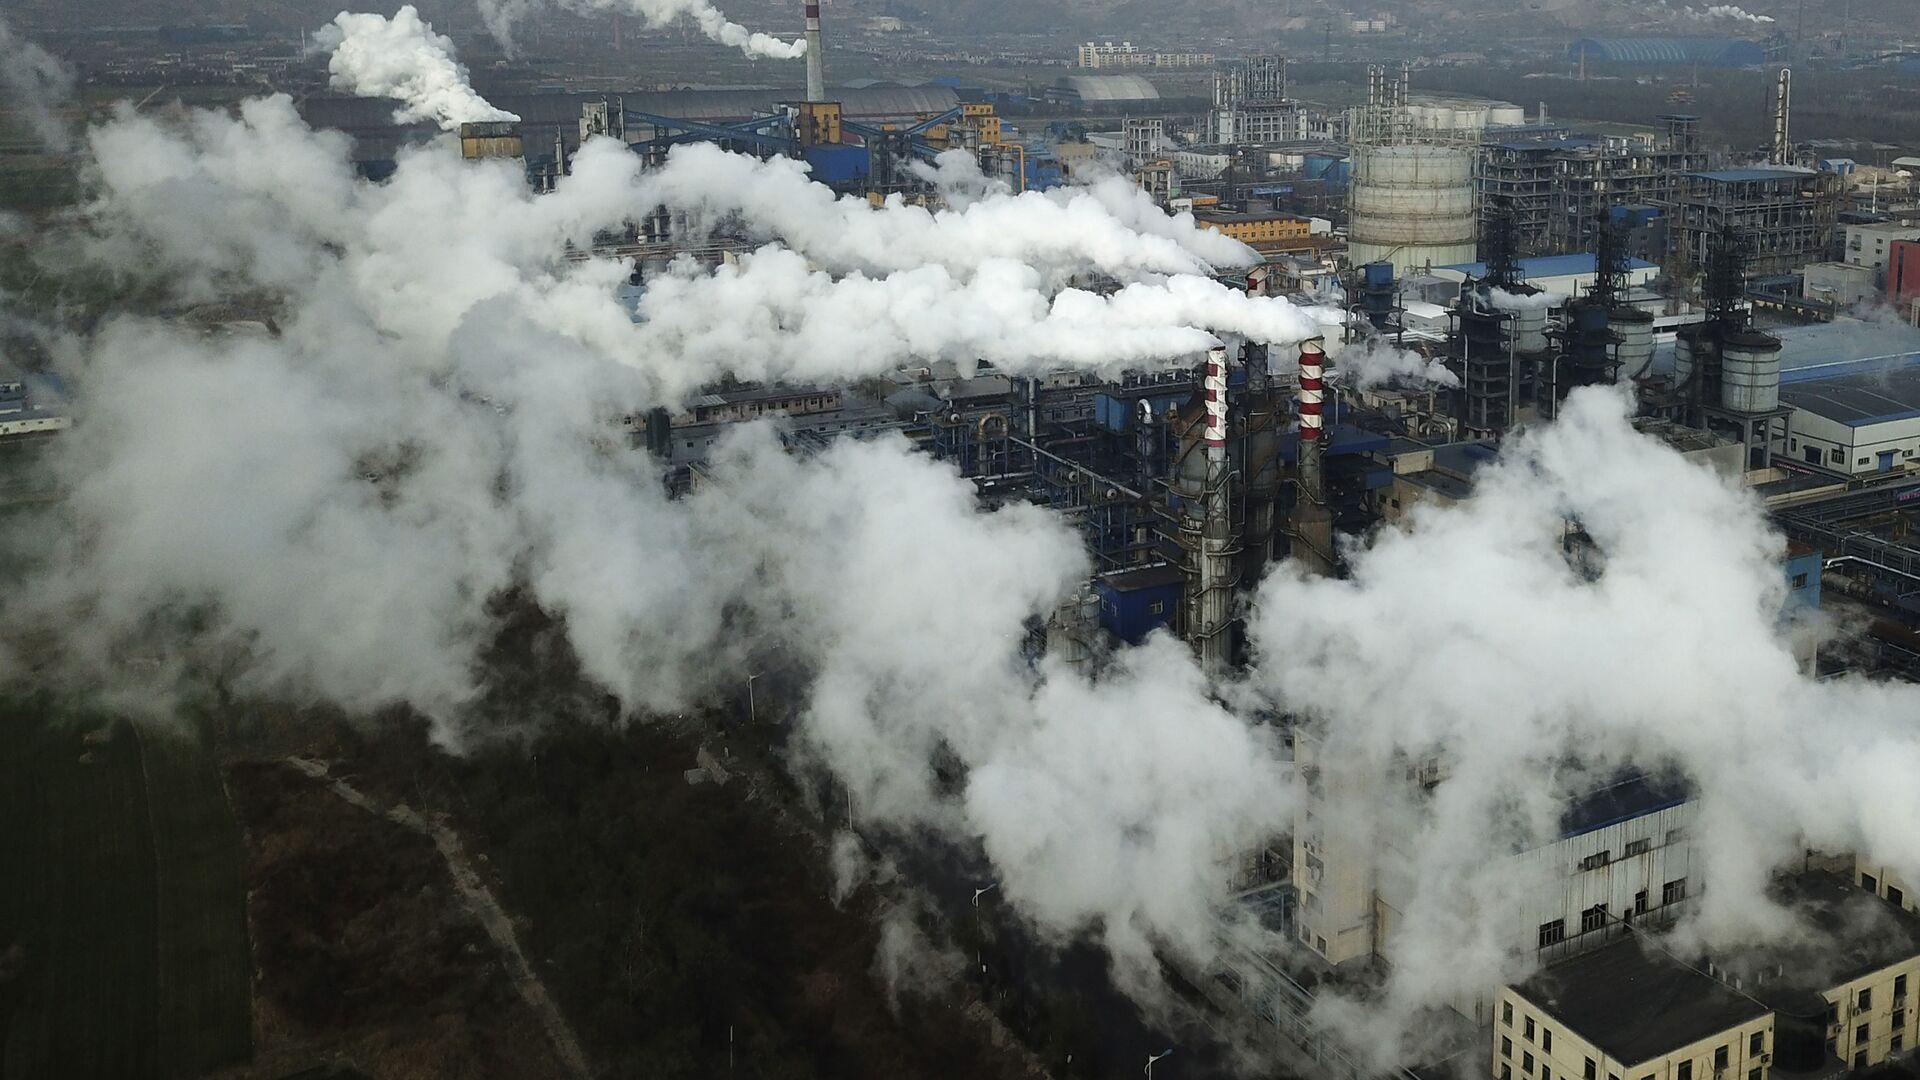 環境目的の終焉? 中国が大規模な停電で自然に有害な枯渇燃料を増産 - Sputnik 日本, 1920, 11.10.2021